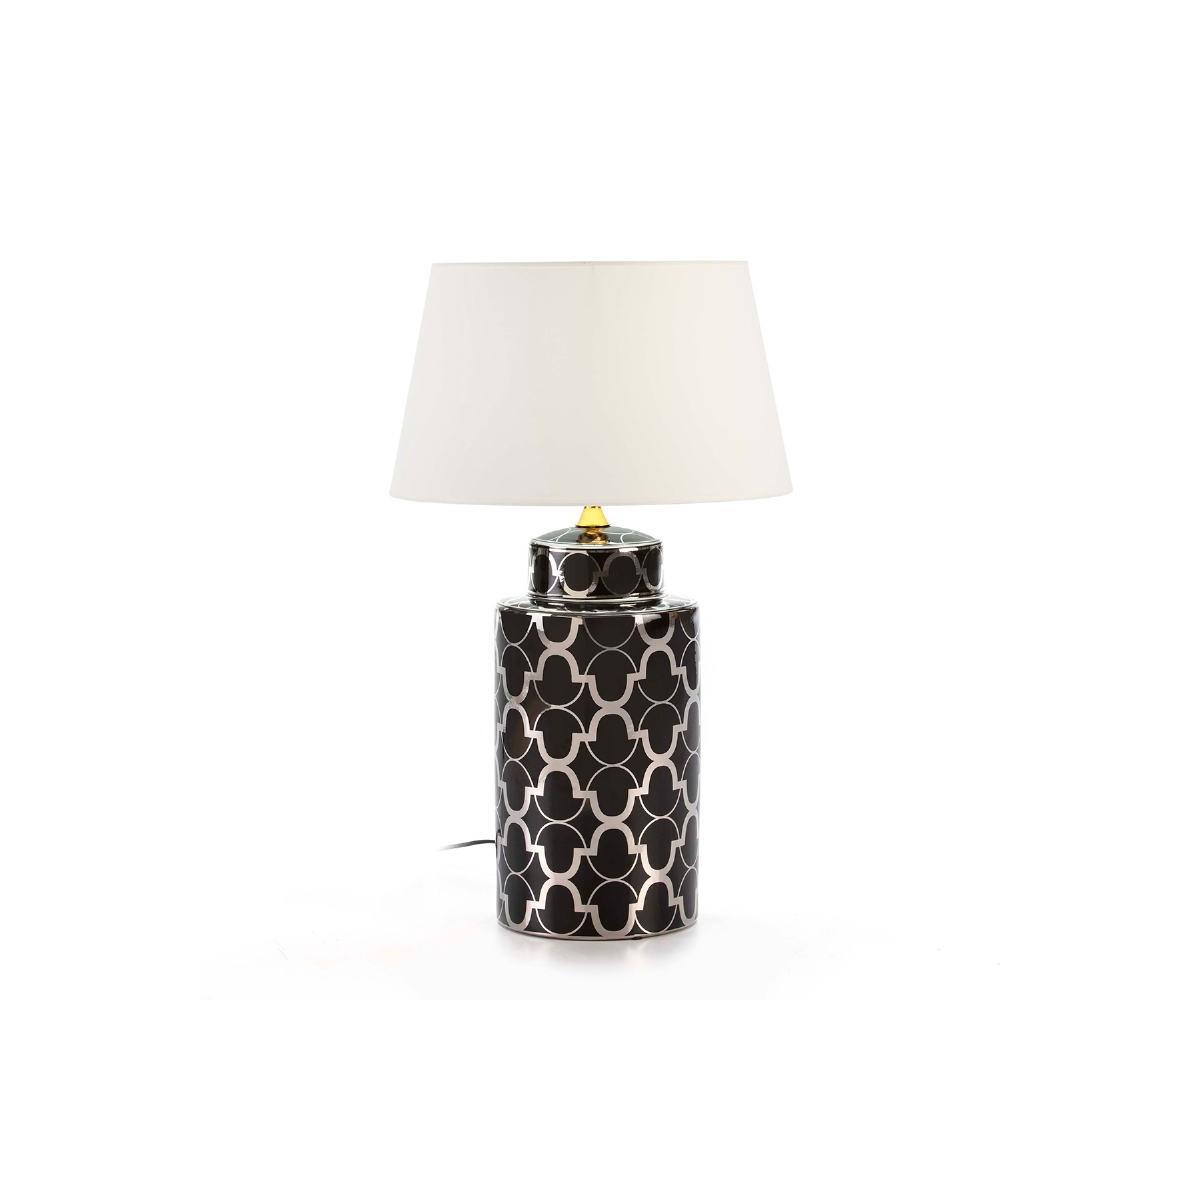 Lampada Da Tavolo Senza Paralume 24x24x50 Ceramica Nero Argento